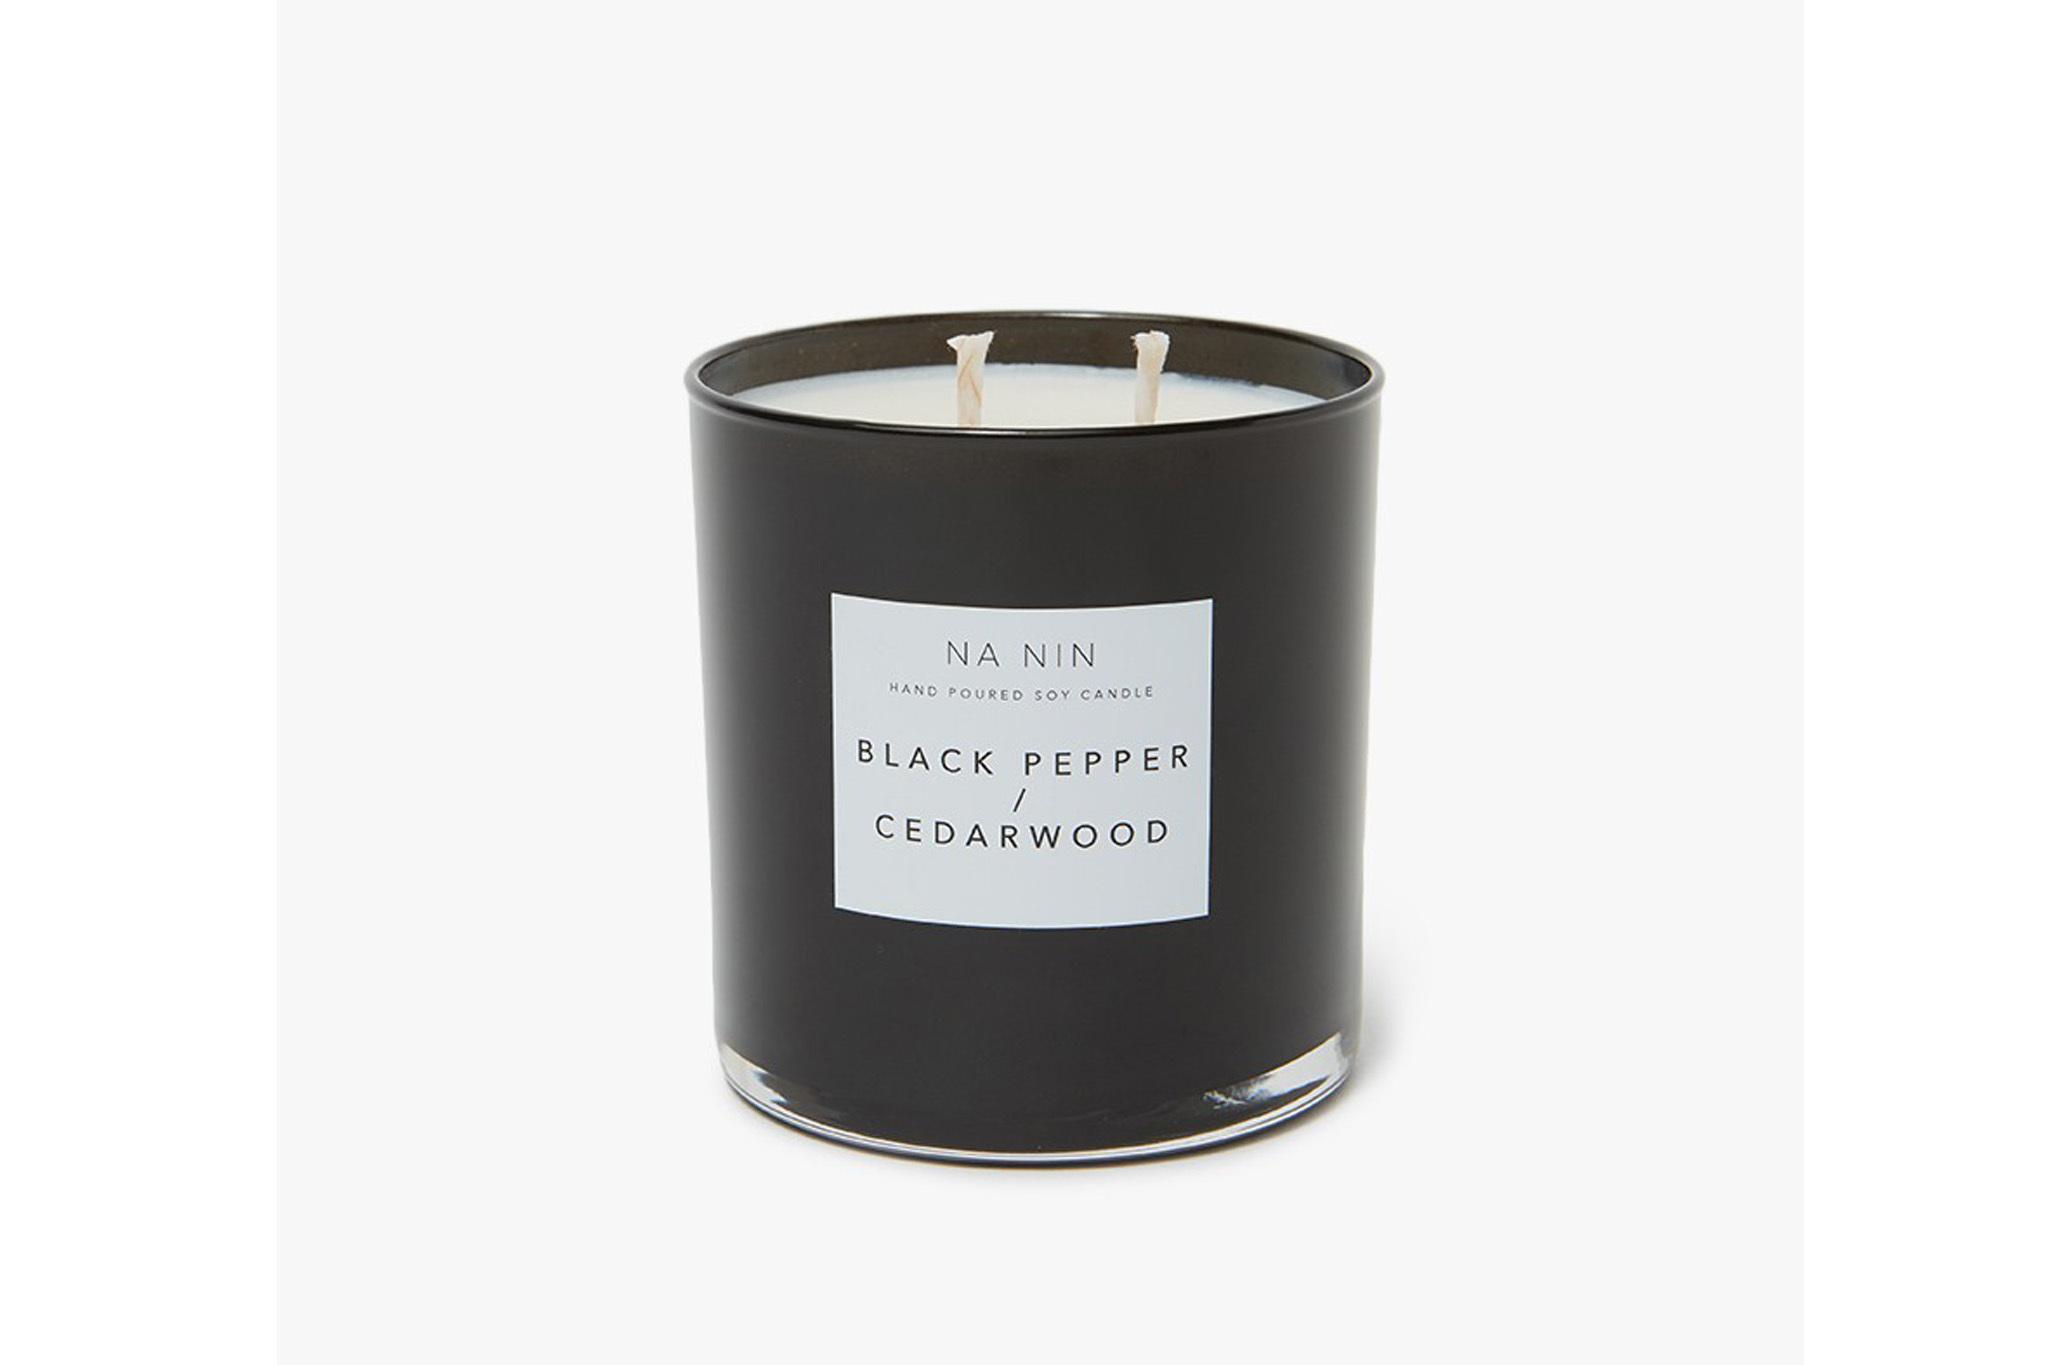 Na Nin Black Pepper and Cedarwood Candle